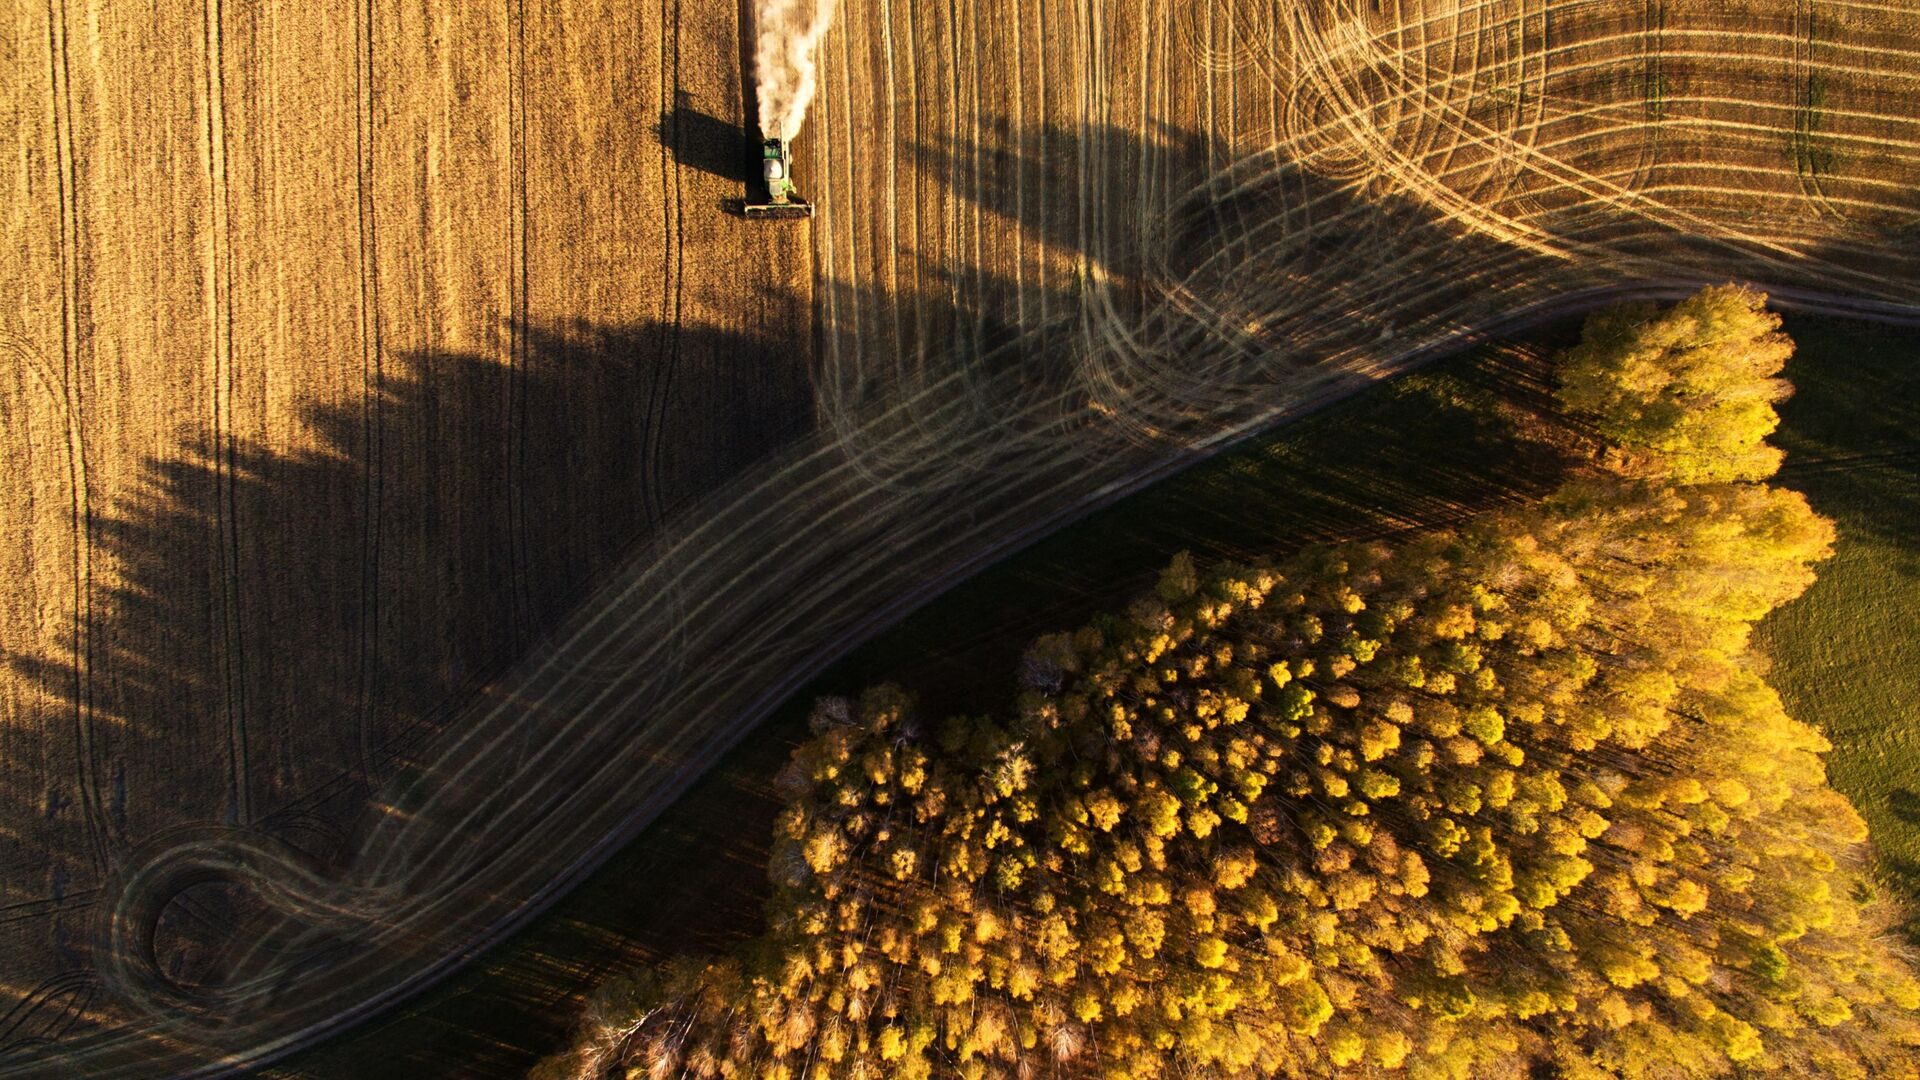 Raccolta del grano nell'Oblast di Novosibirsk, in Russia. - Sputnik Italia, 1920, 07.10.2021